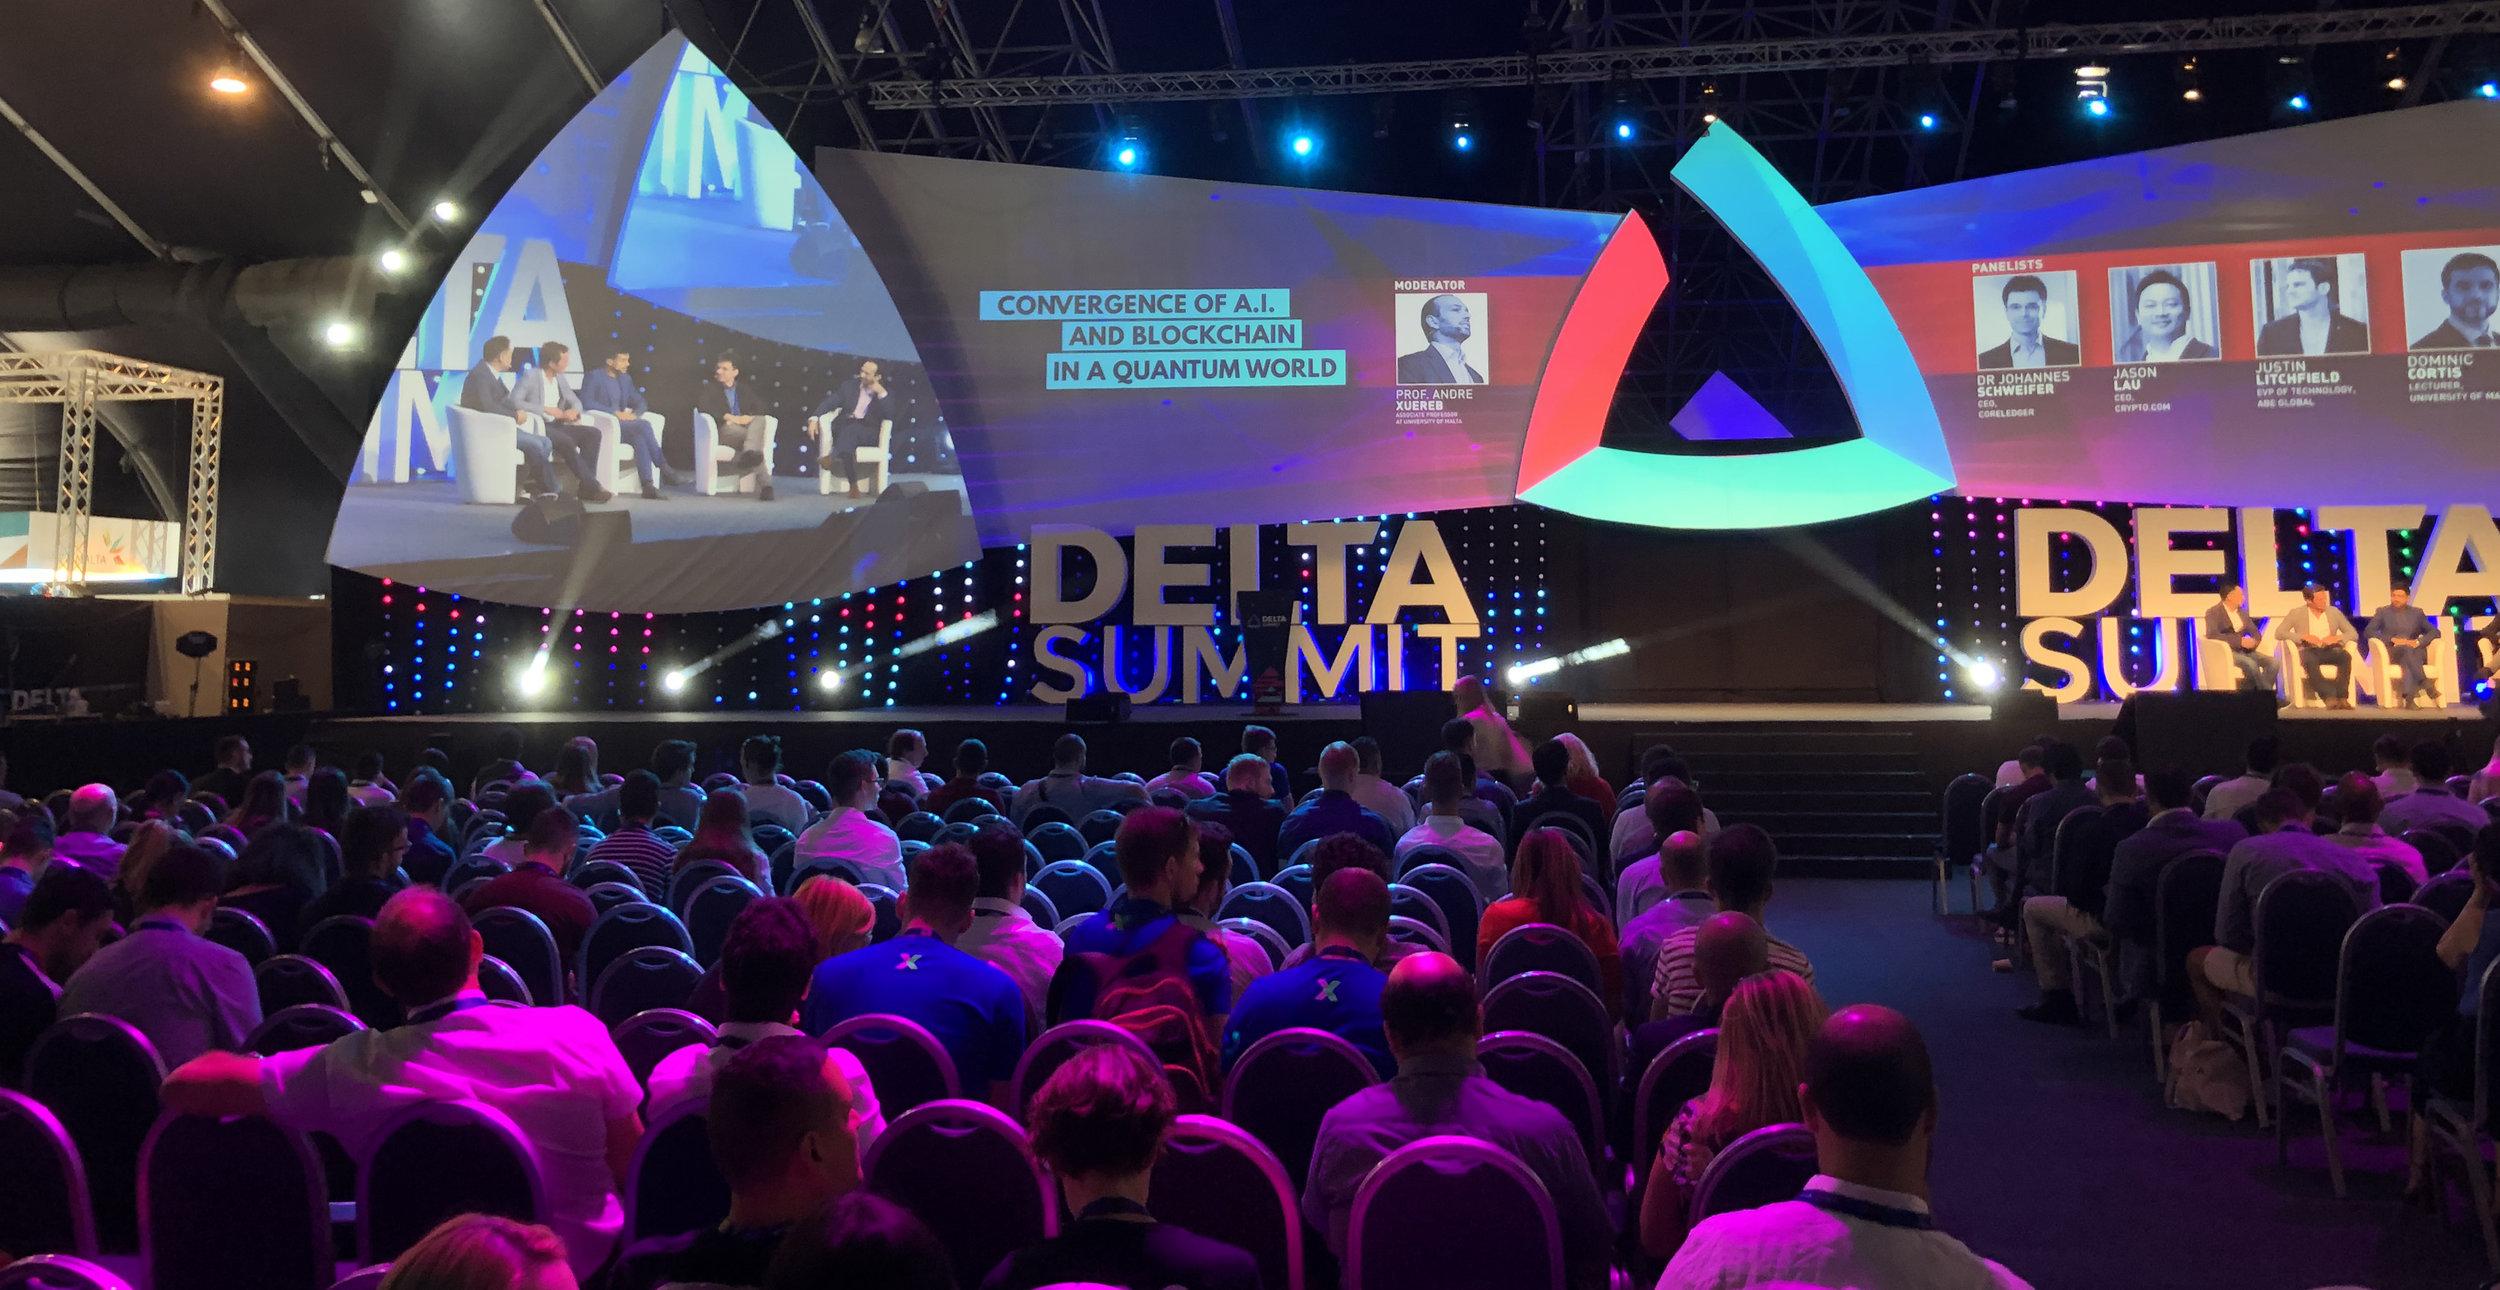 delta-summit-2019